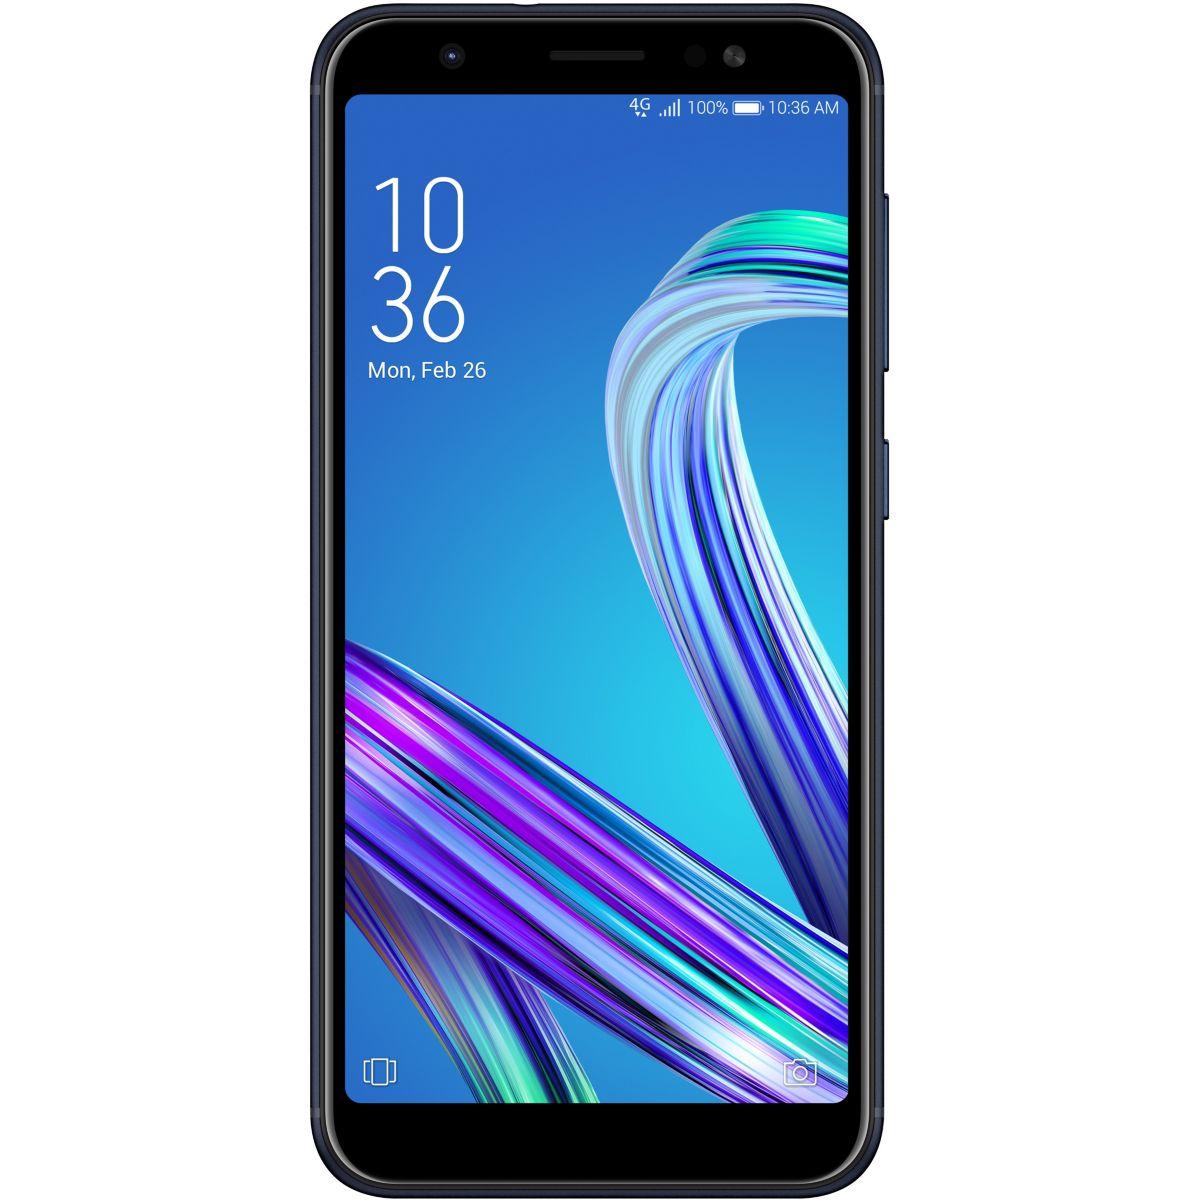 Smartphone ASUS Zenfone Max M1 16Go Deepsea Black